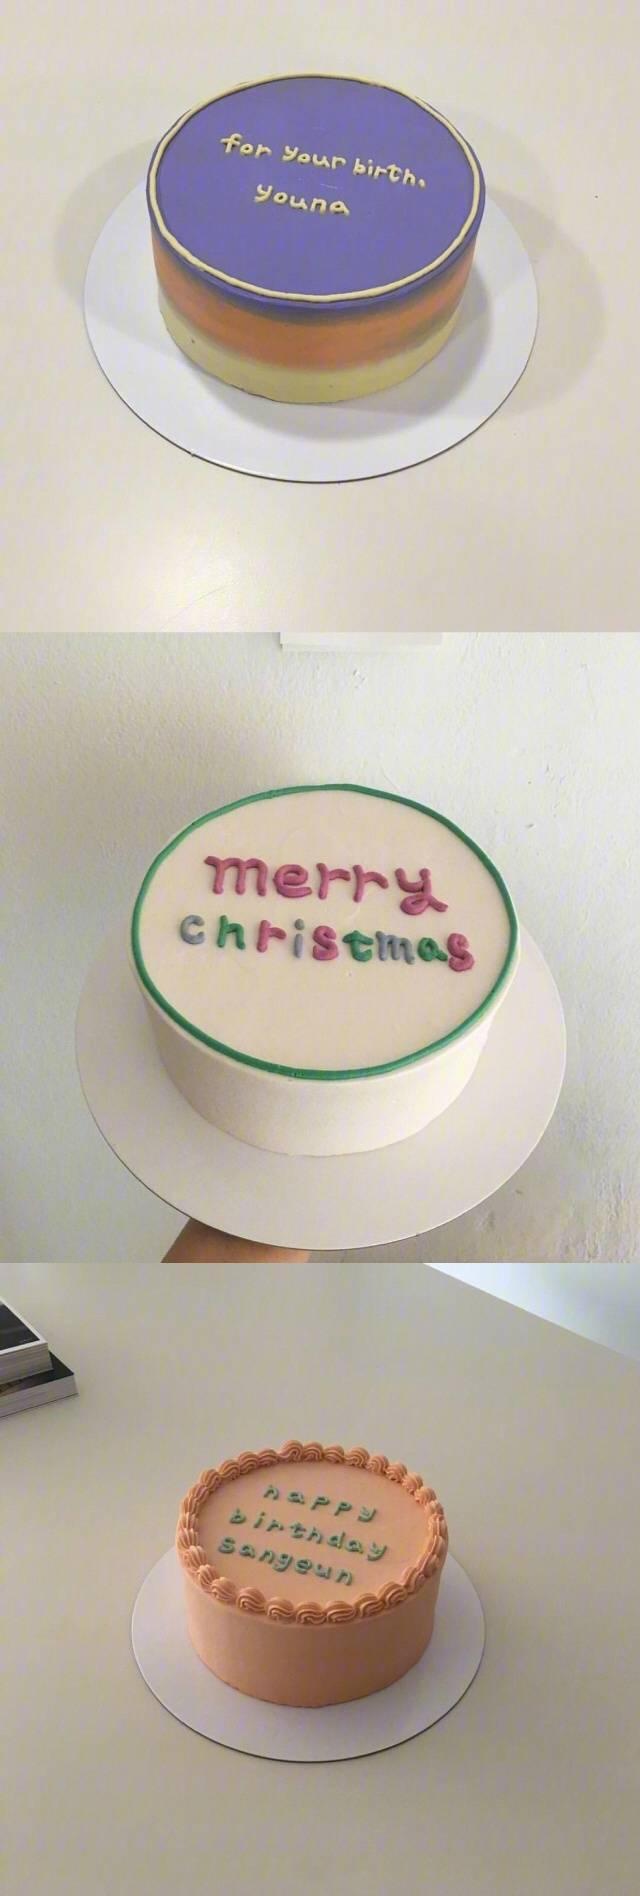 二十七款簡約而不簡單的生日蛋糕,上面的英文字母代表對你愛